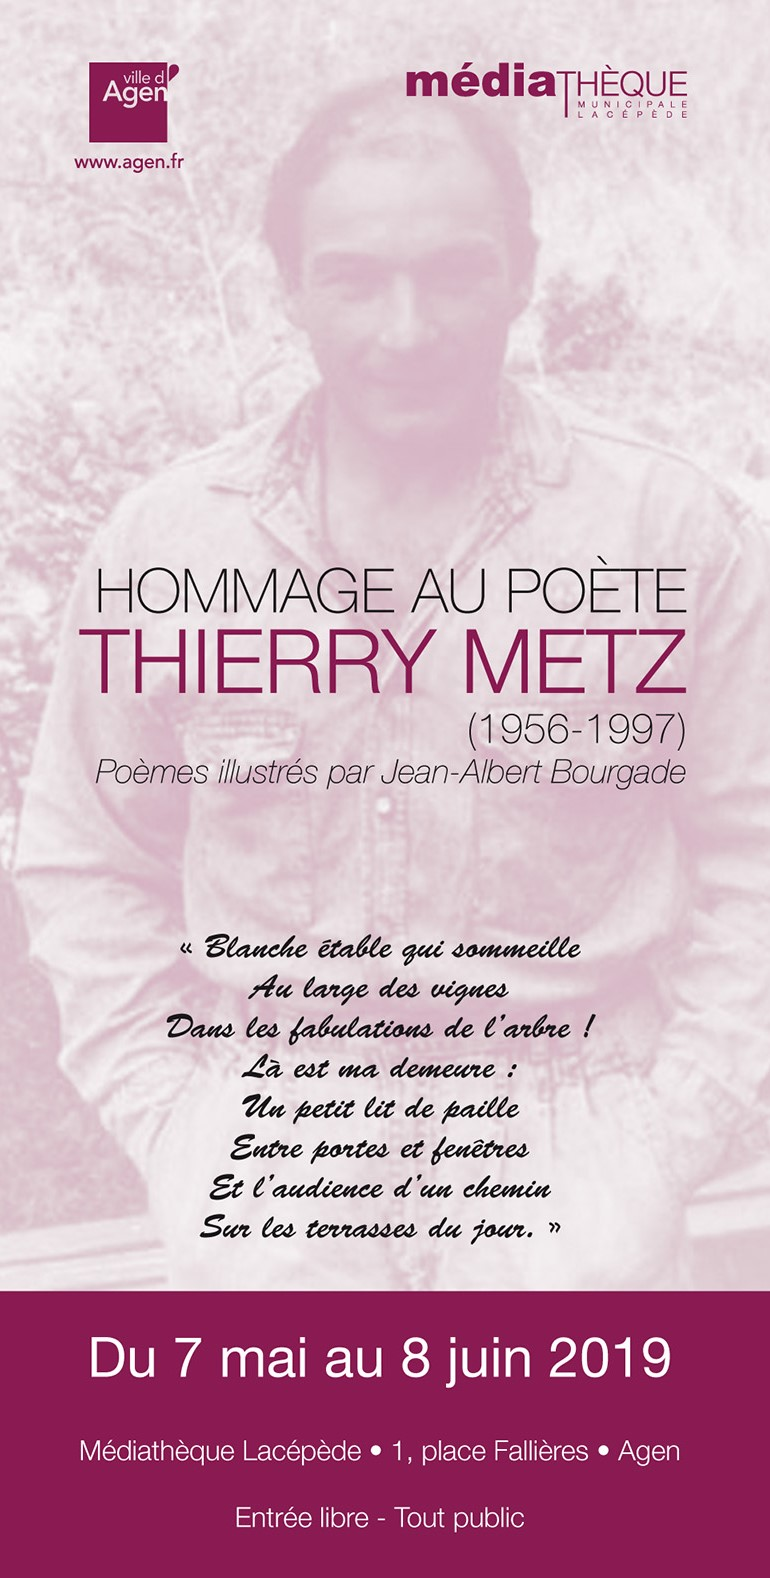 HOMMAGE AU POÈTE THIERRY METZ, MÉDIATHÈQUE LACÉPÈDE, AGEN